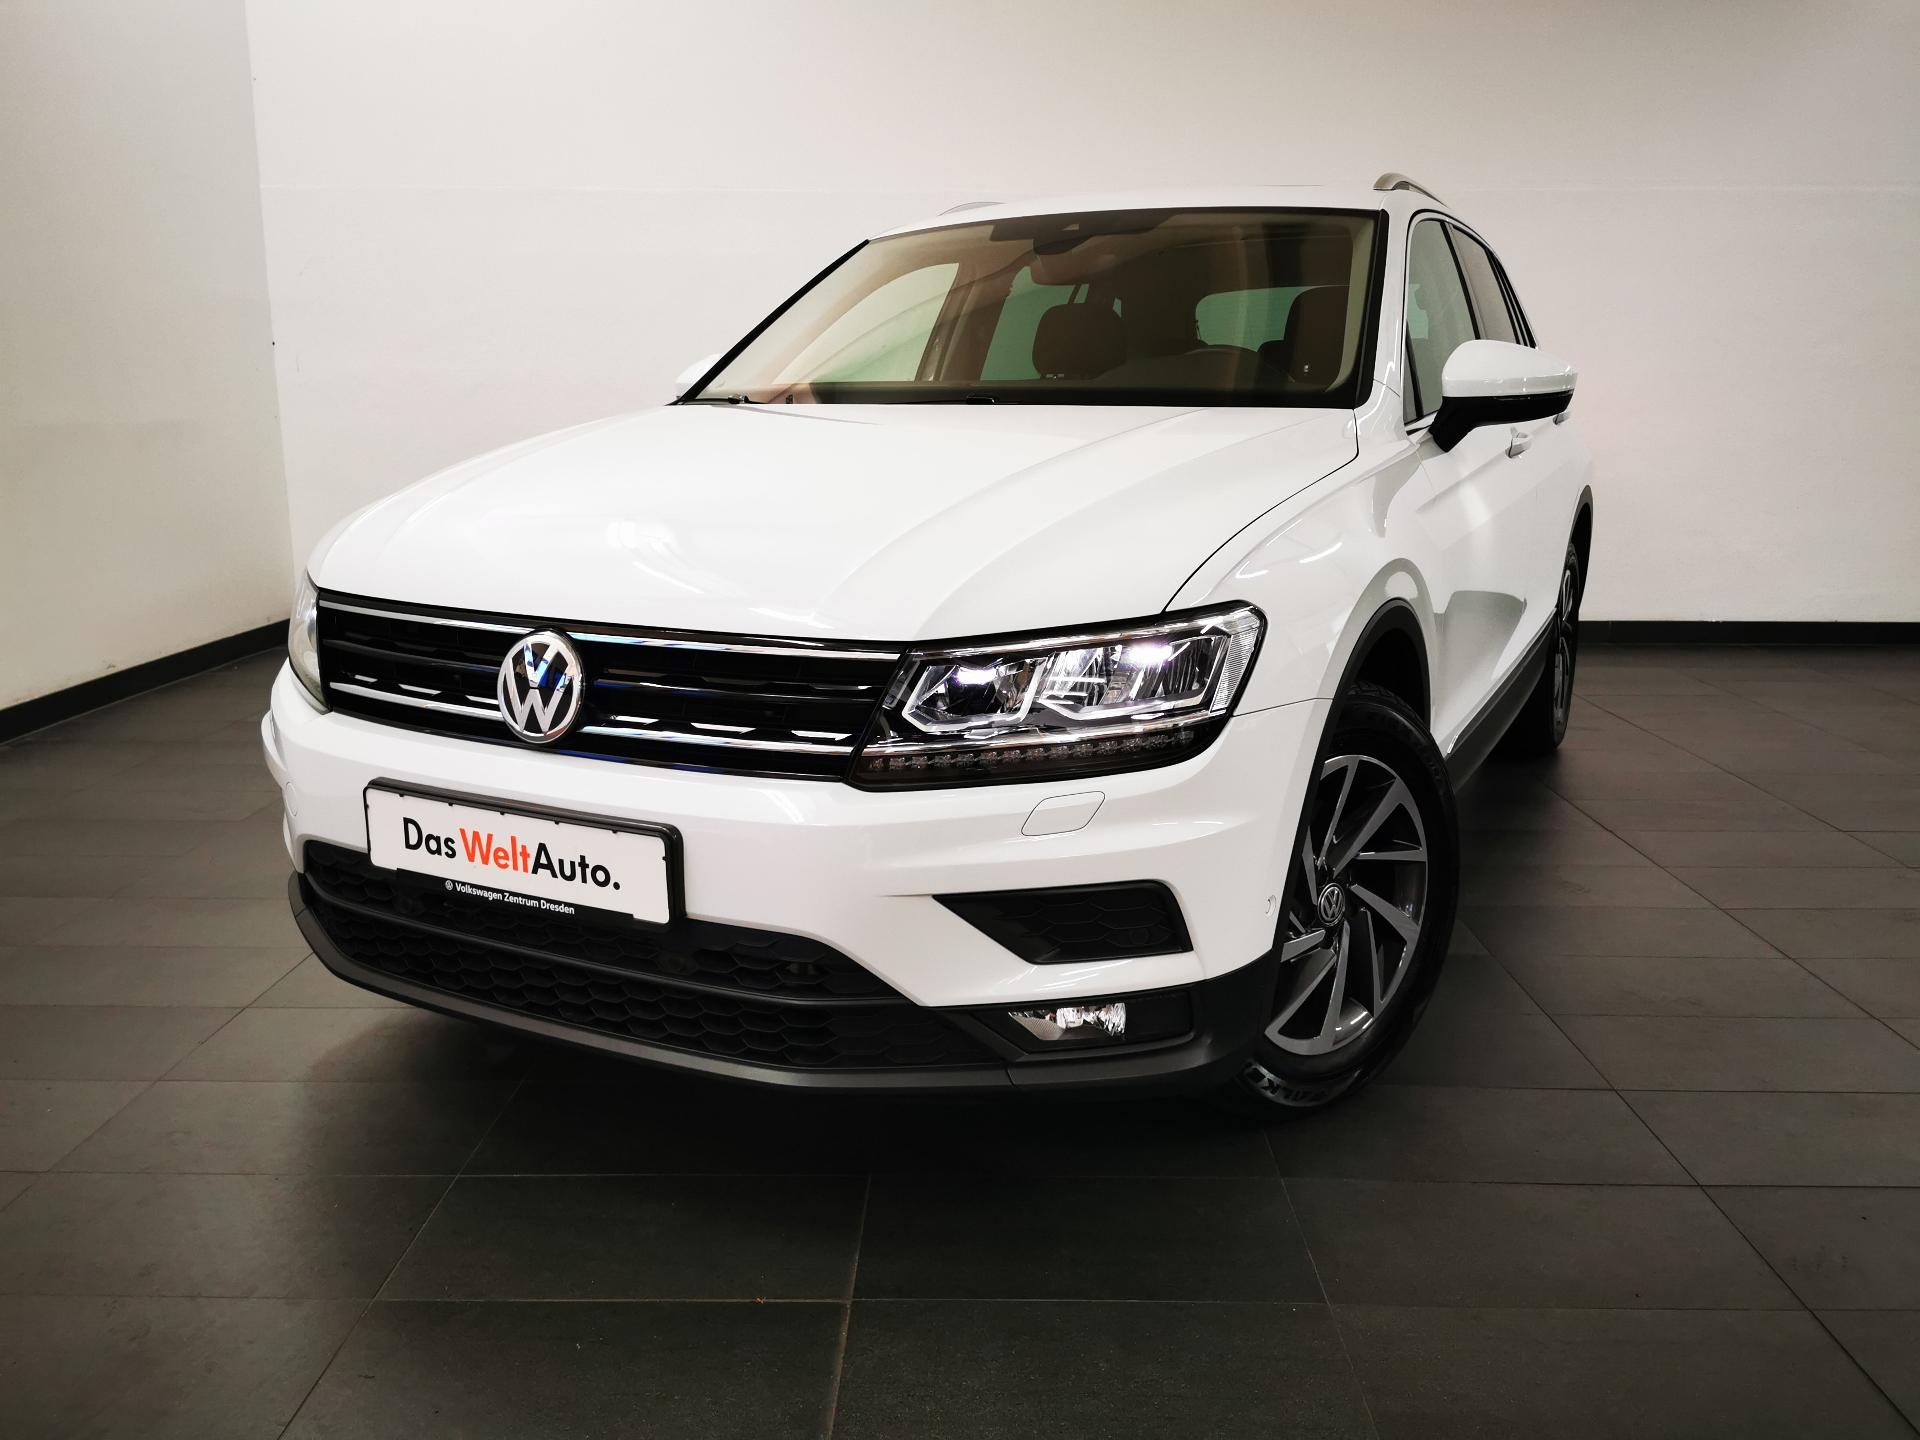 Volkswagen Tiguan Sound 2,0 TDI REAR PANO ab 2,99%, Jahr 2017, Diesel